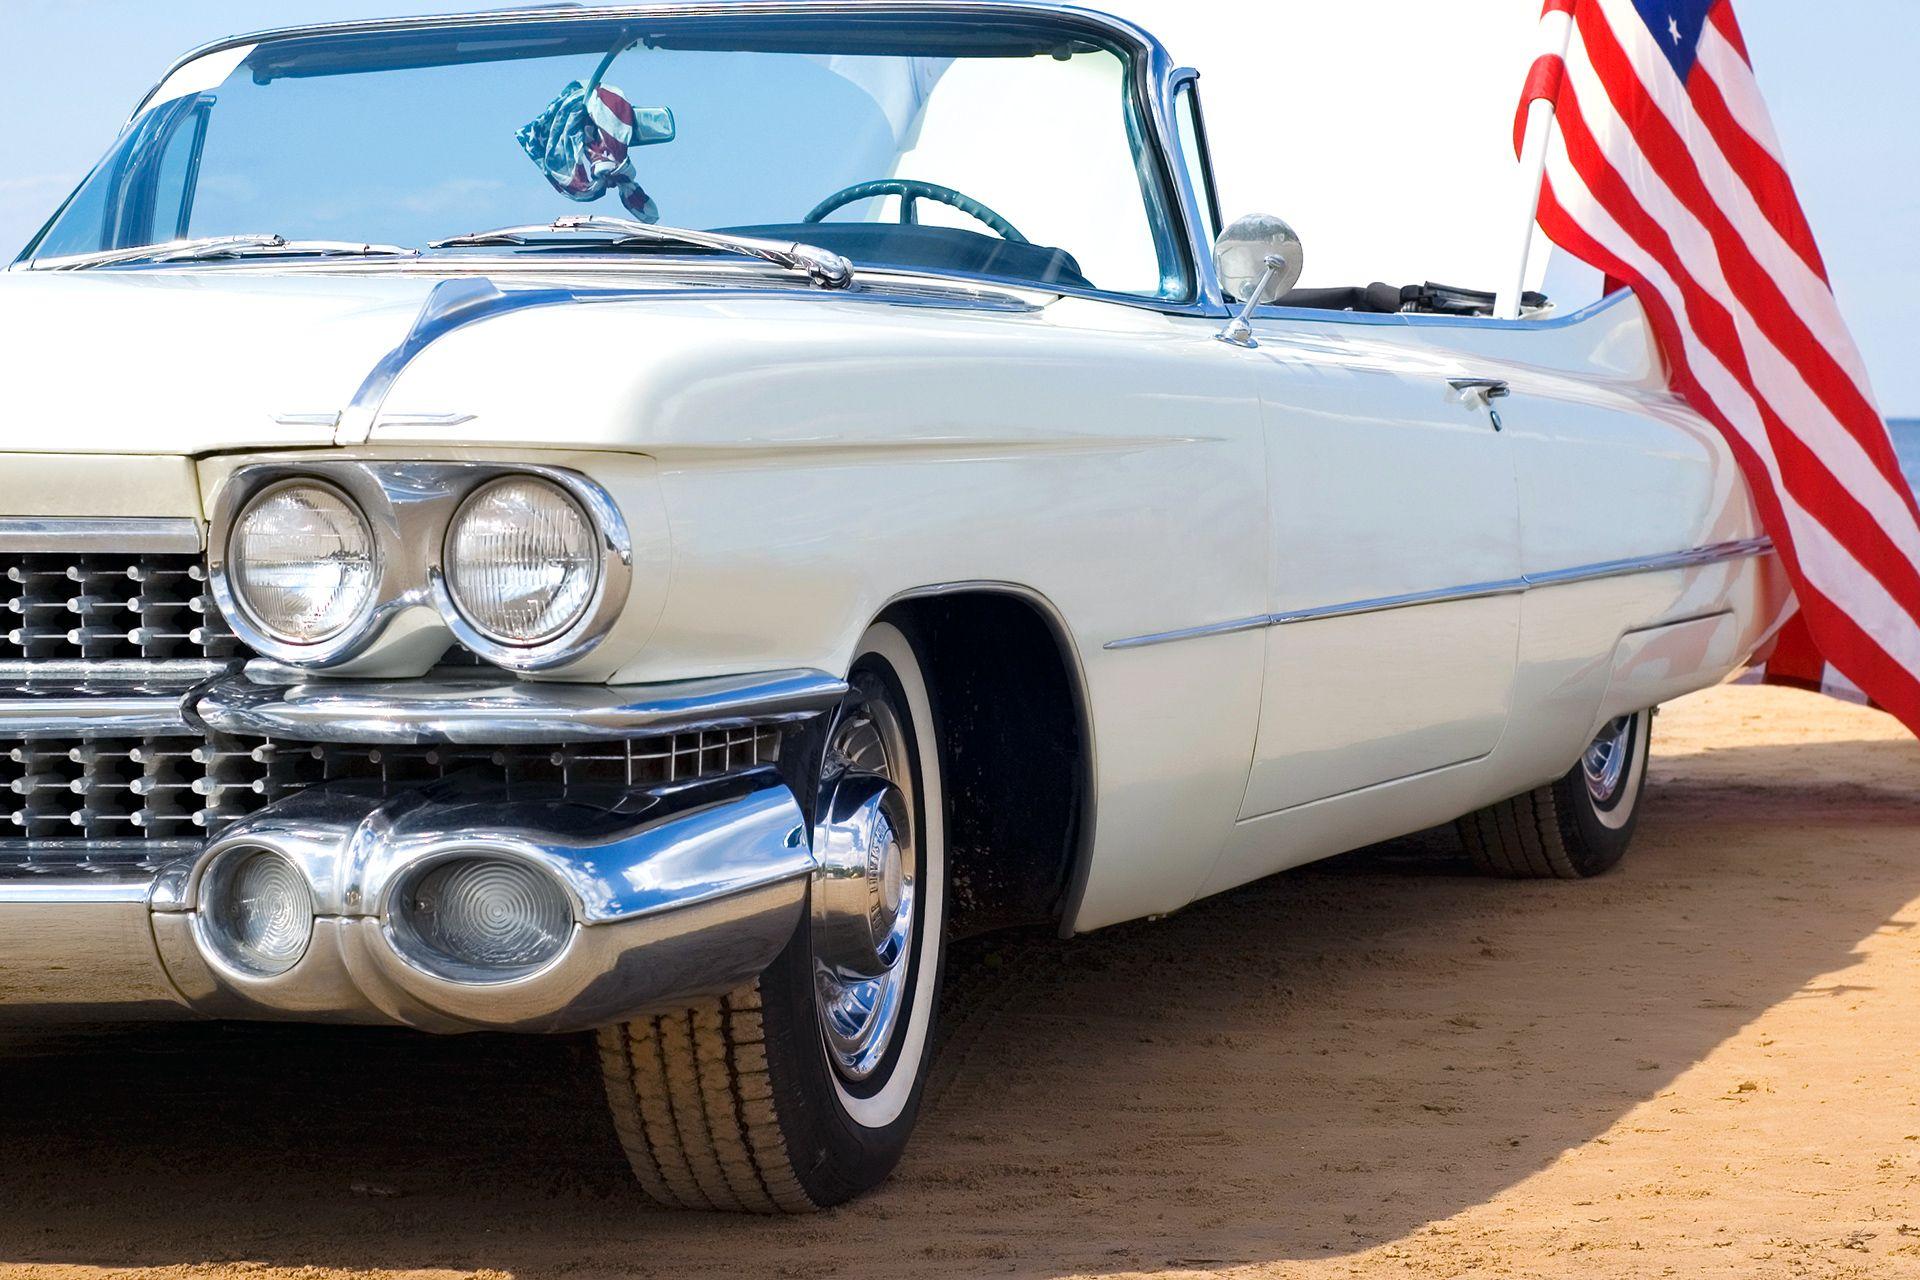 Cadillac Selber Fahren Ab 199 Luxusfahrt Verschenken